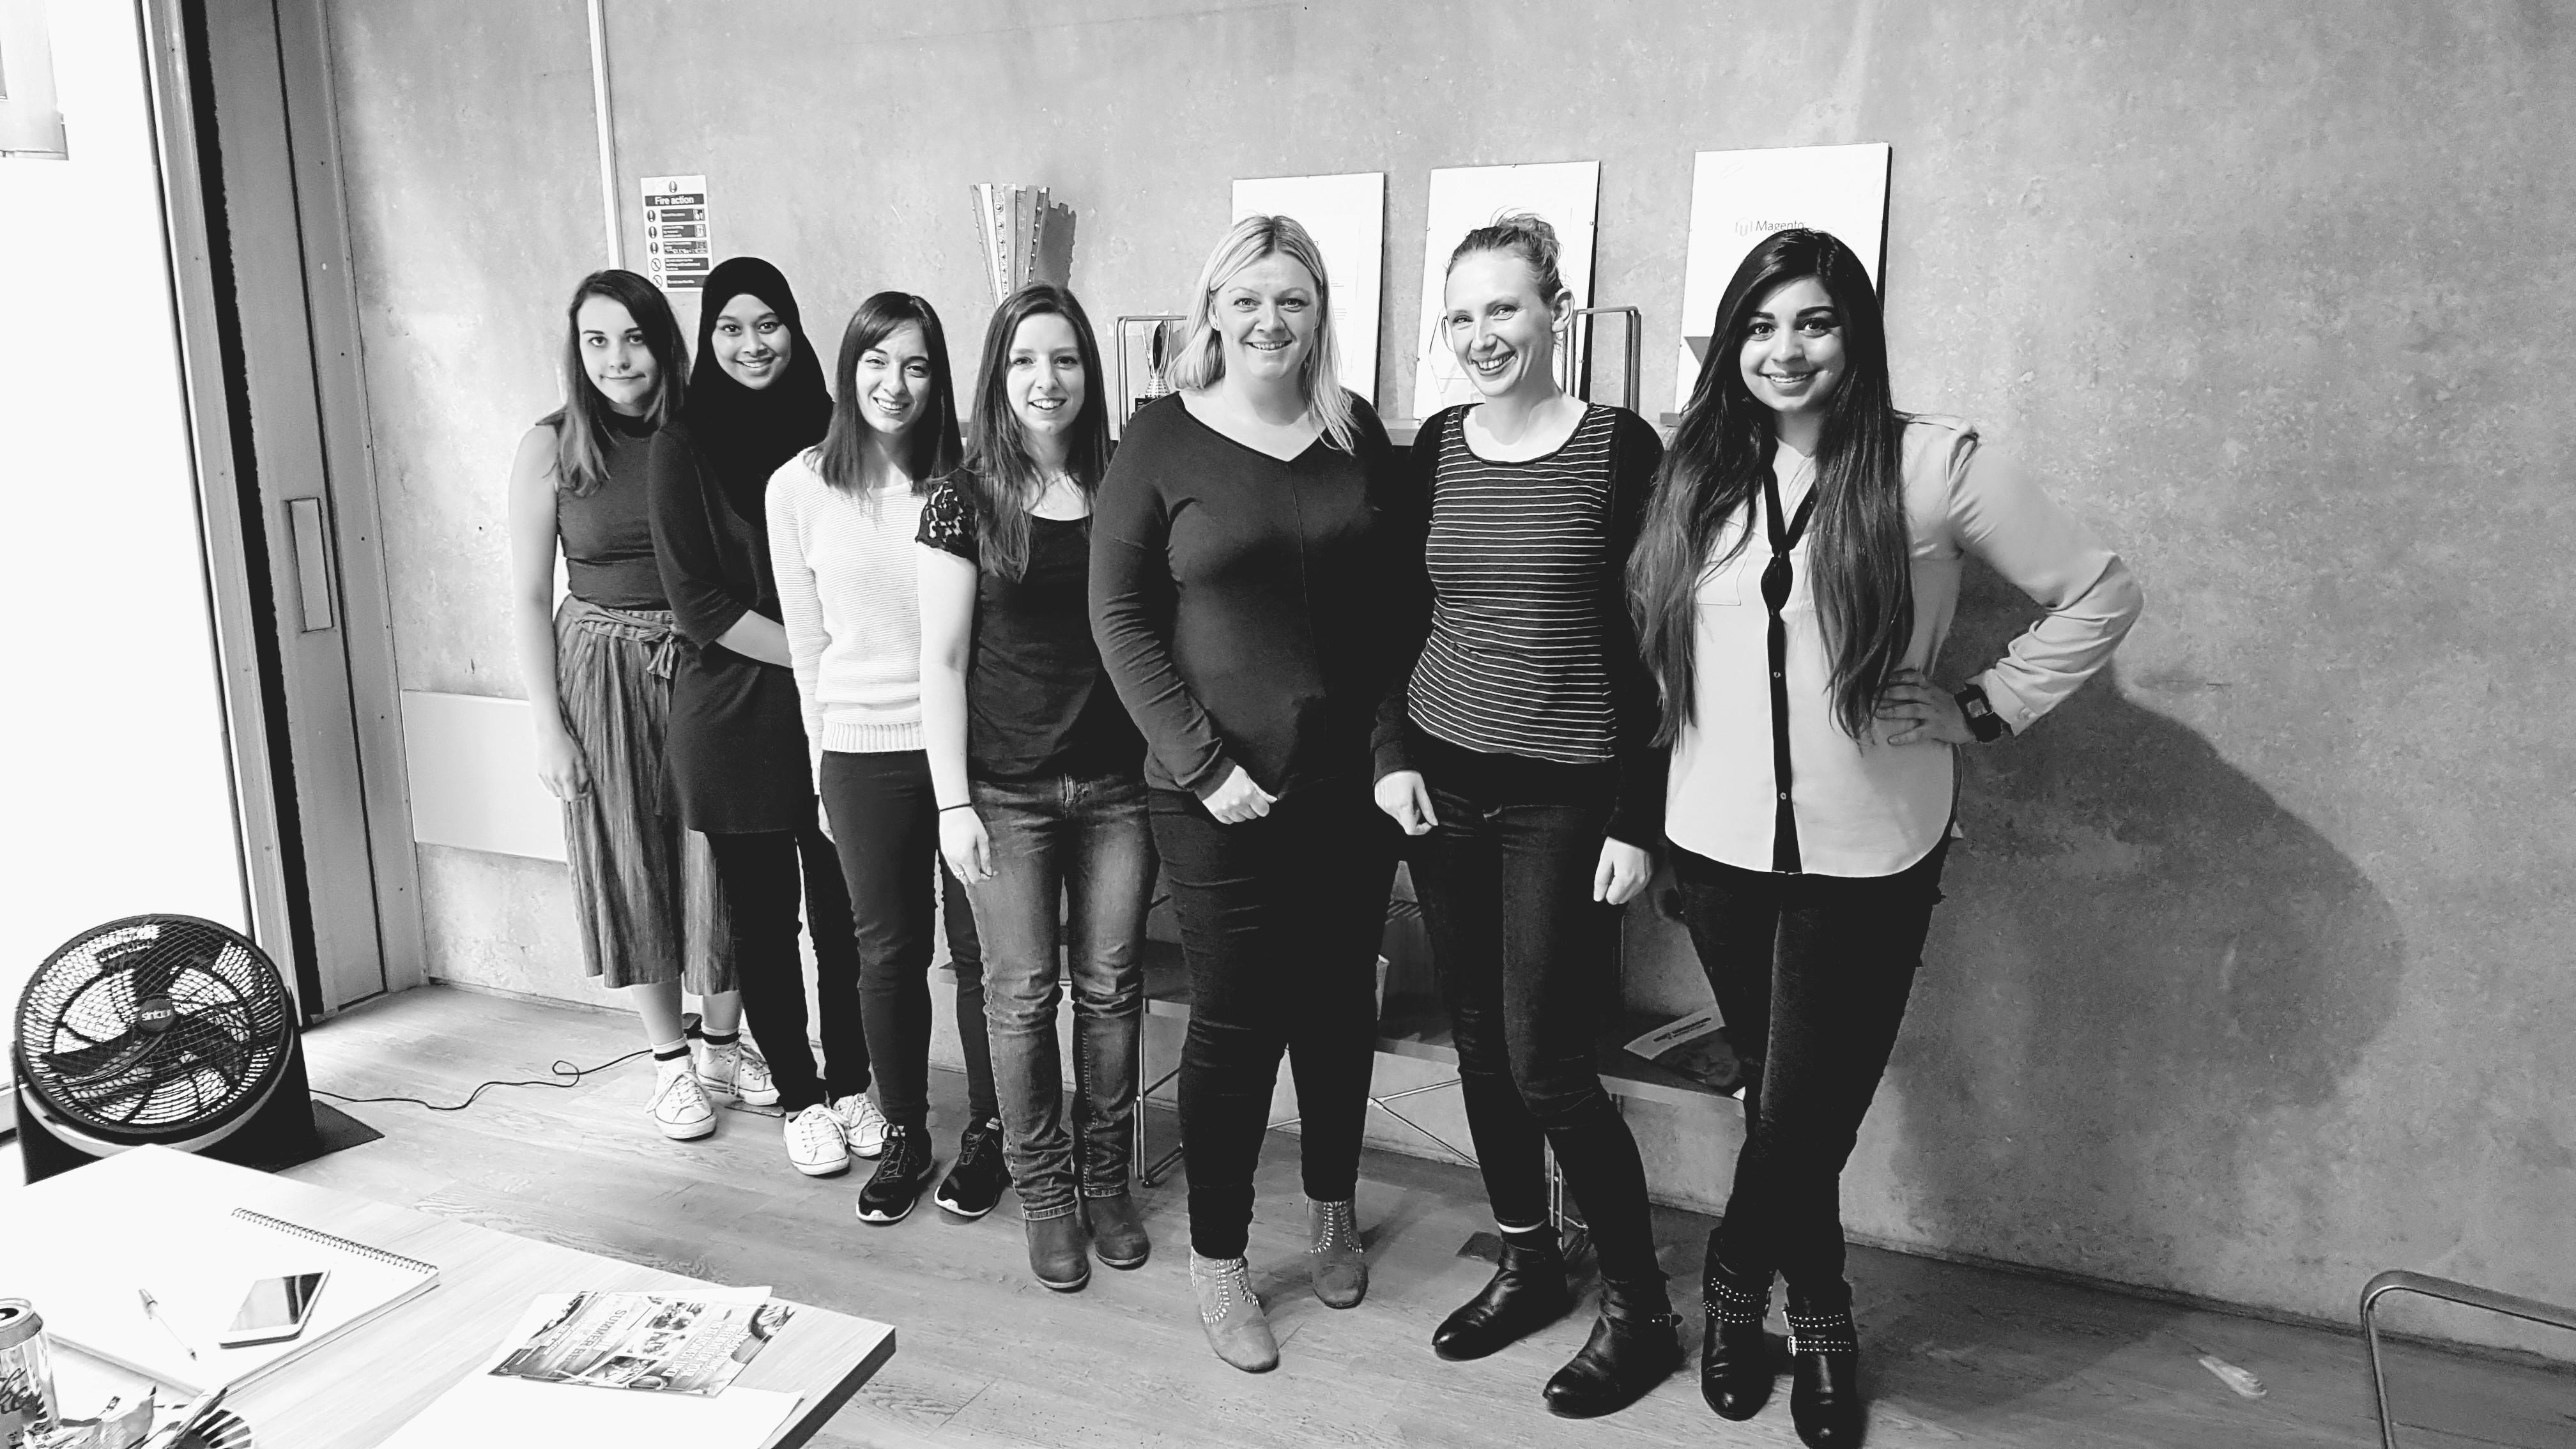 Women in Tech: Toni Procter